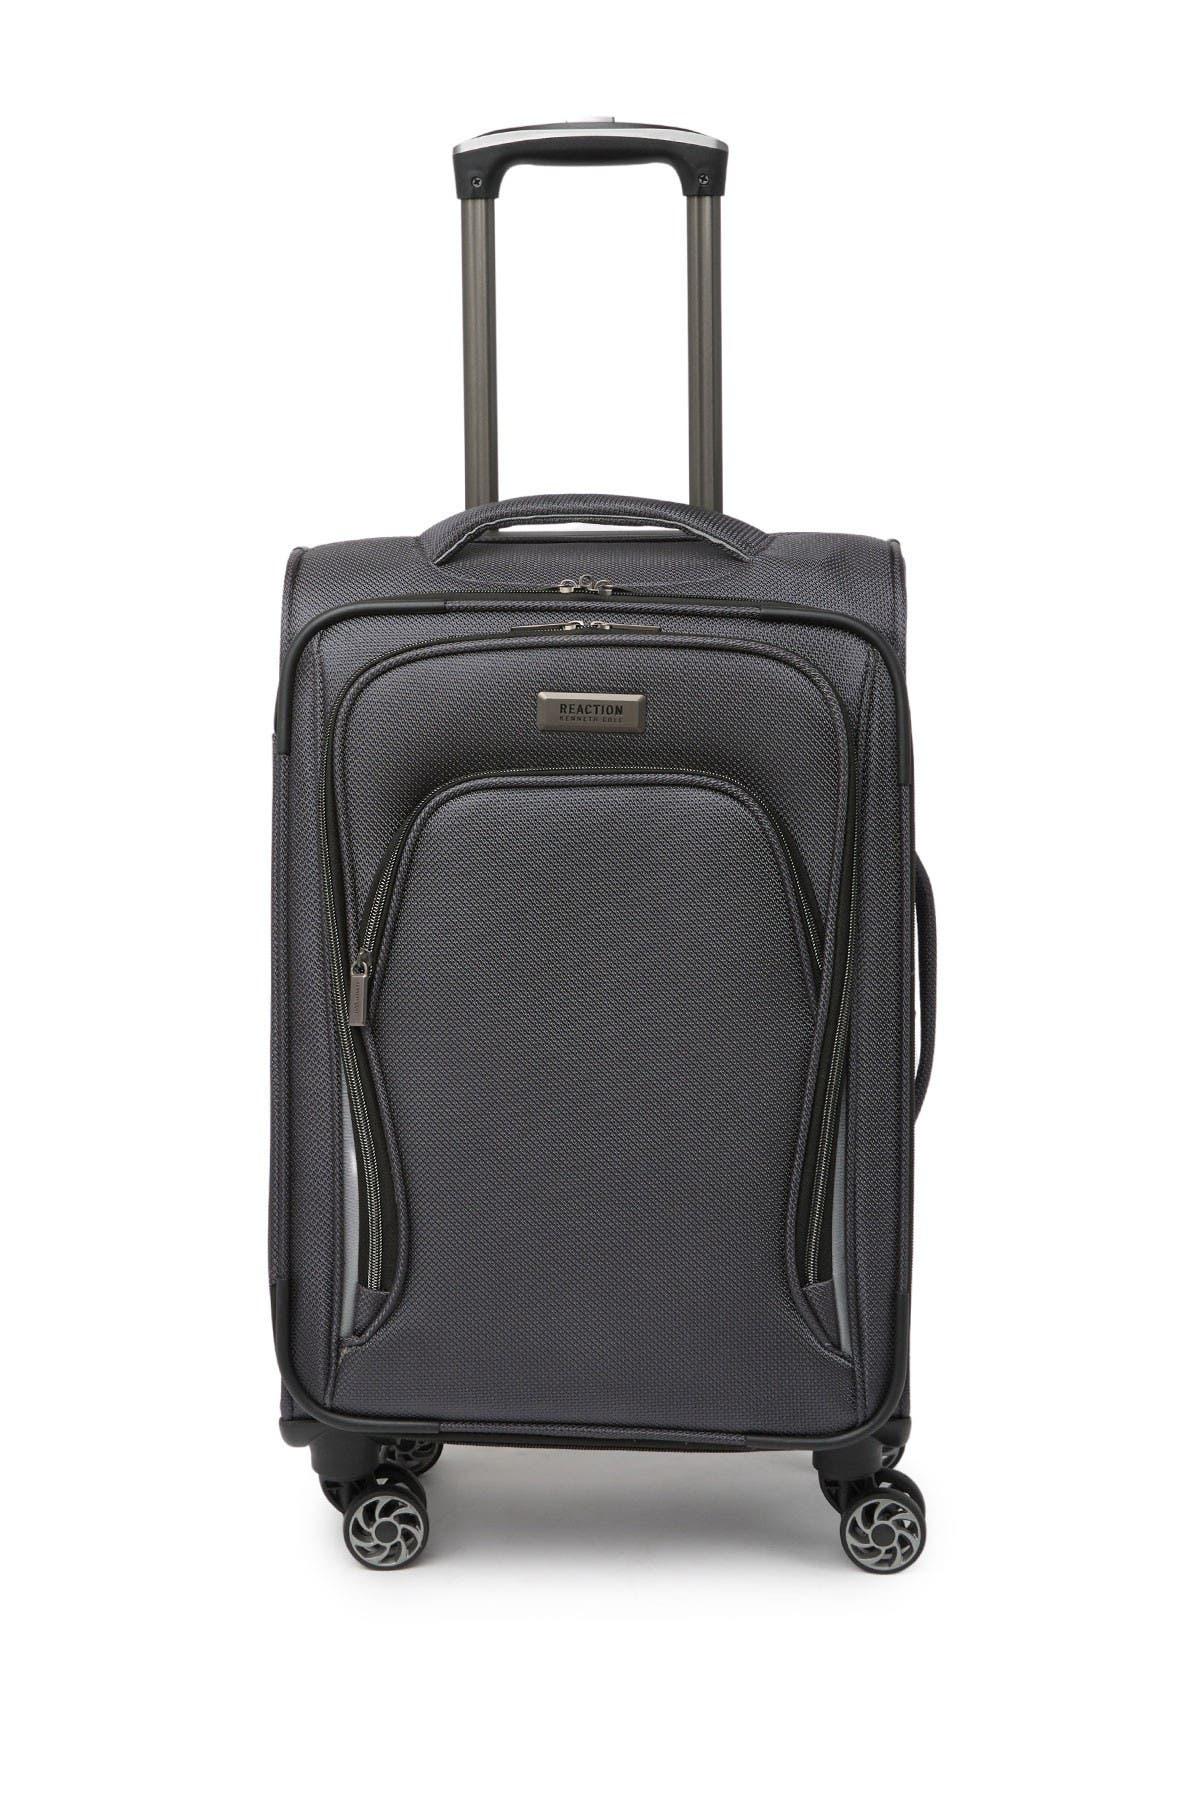 KENNETH COLE Cloud City 1680D Poly Expandable Suitcase